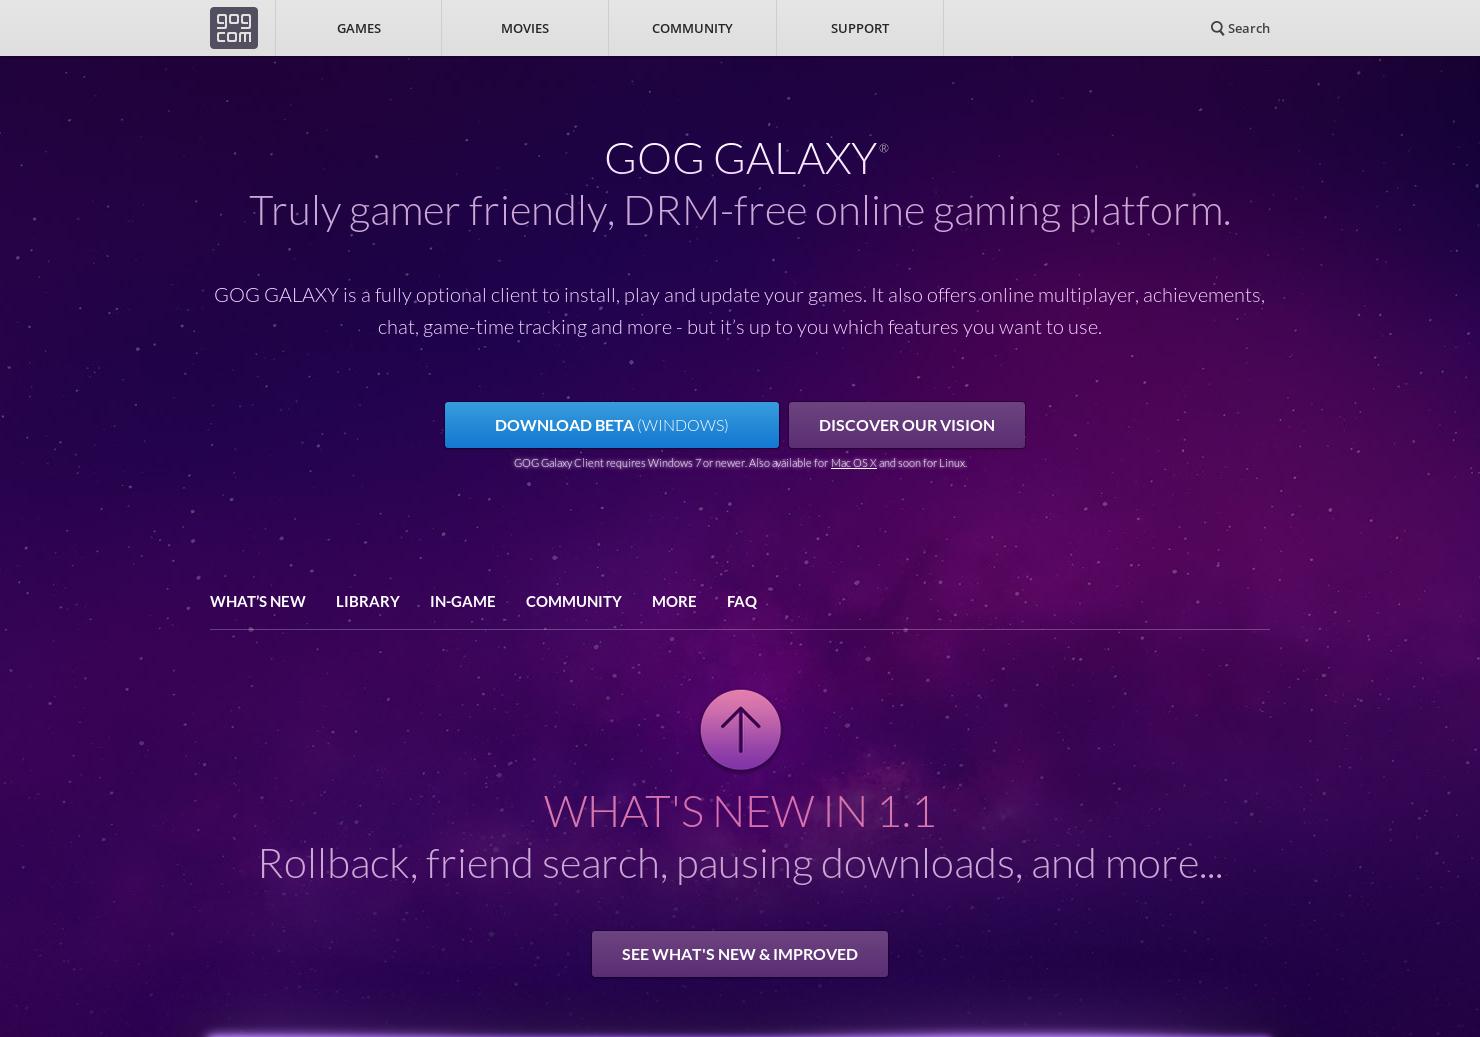 GOG Galaxy - Truly gamer friendly, DRM-free online gaming